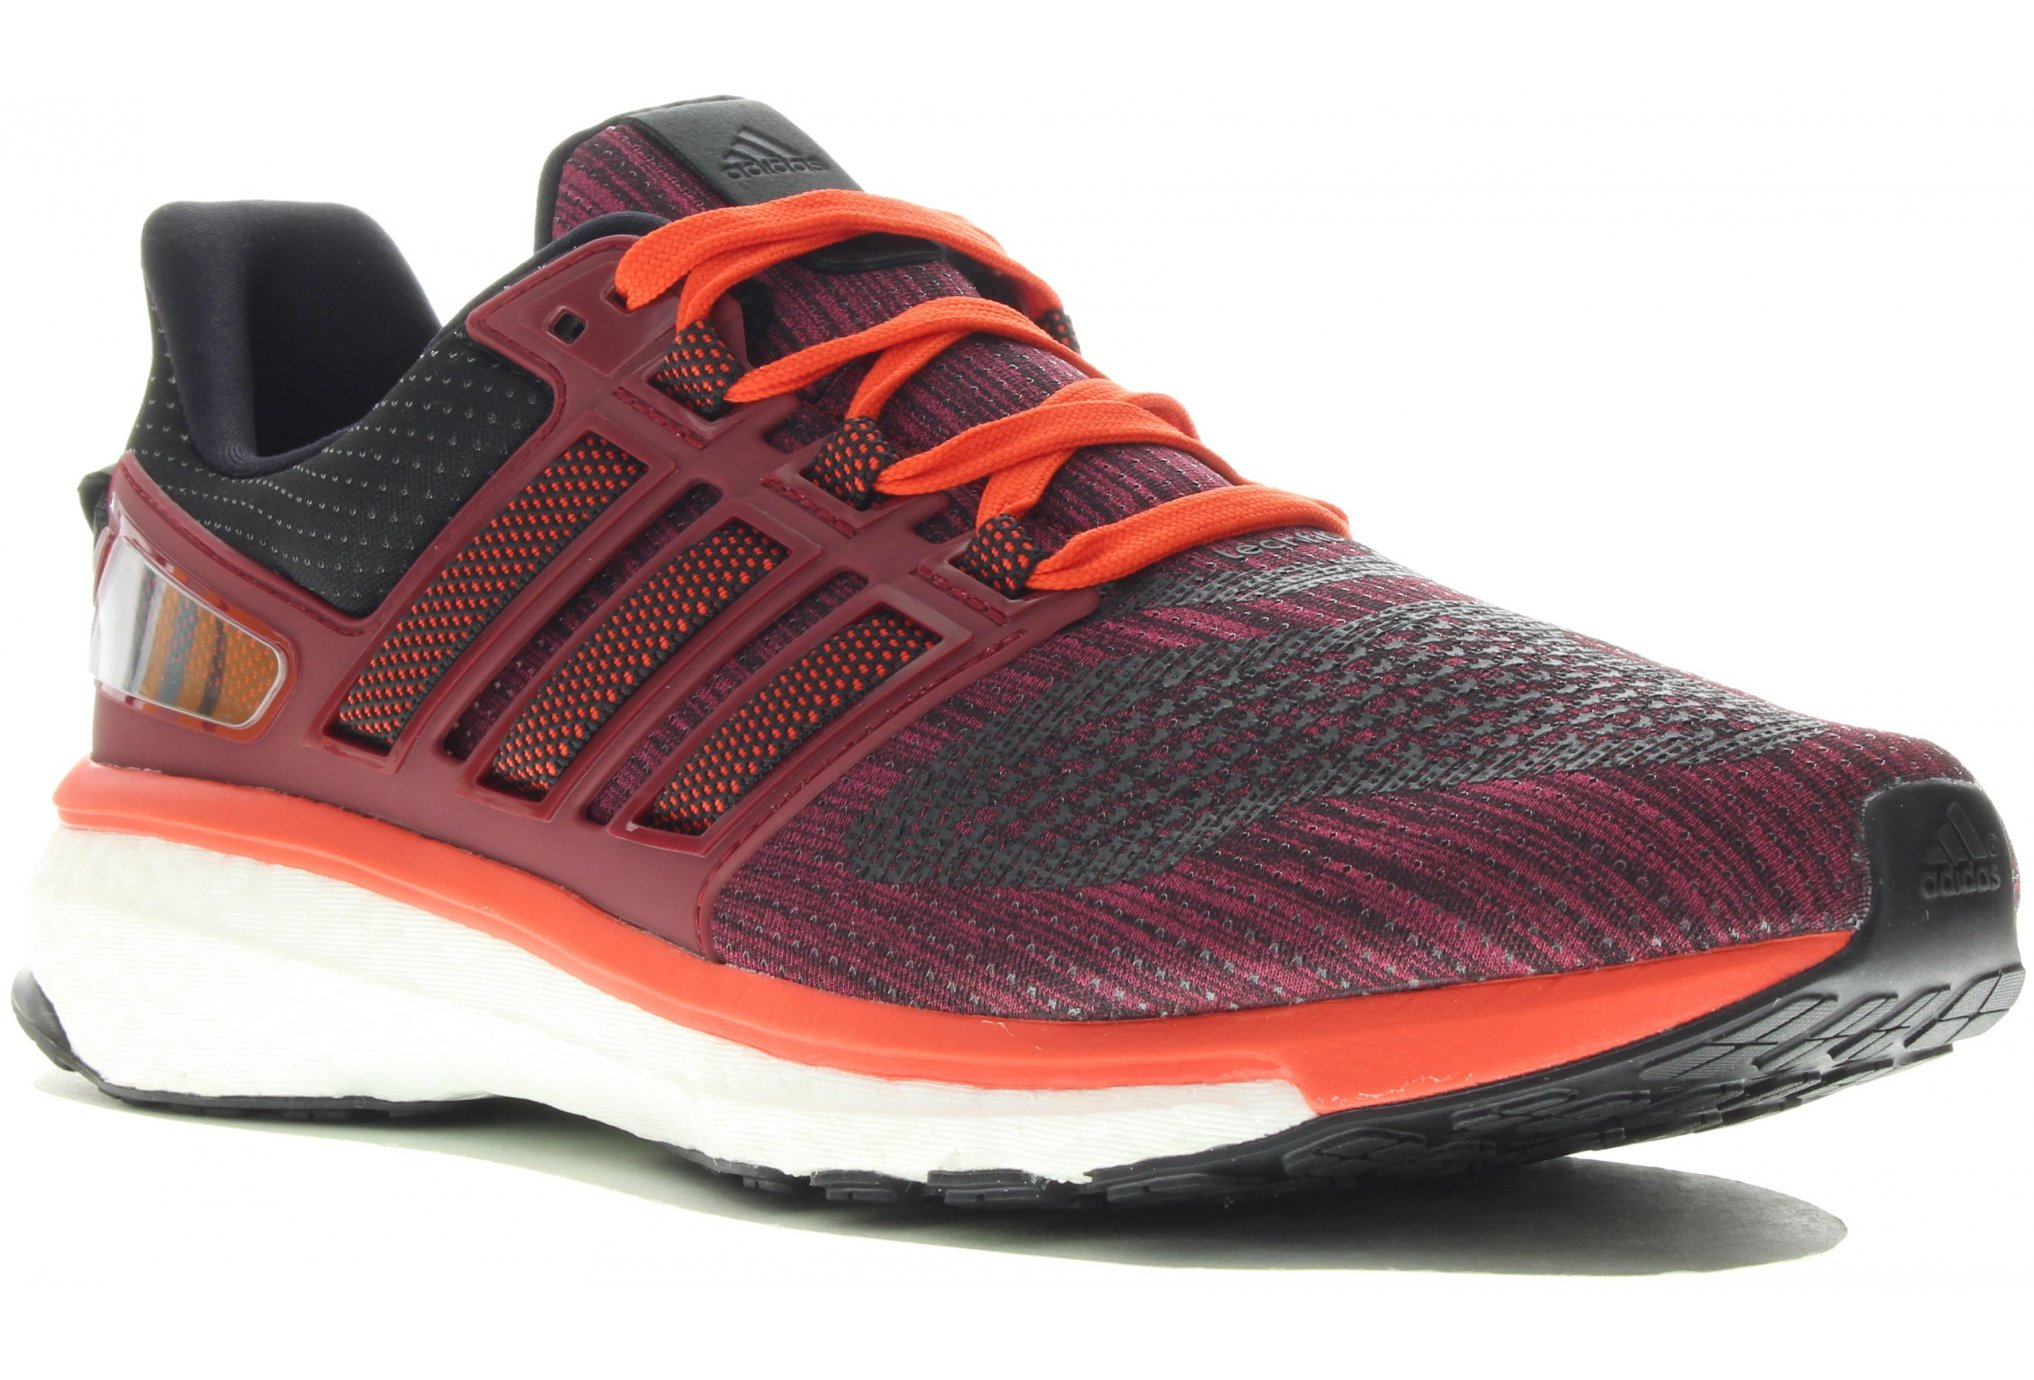 Adidas energy boost 3 m diététique chaussures homme